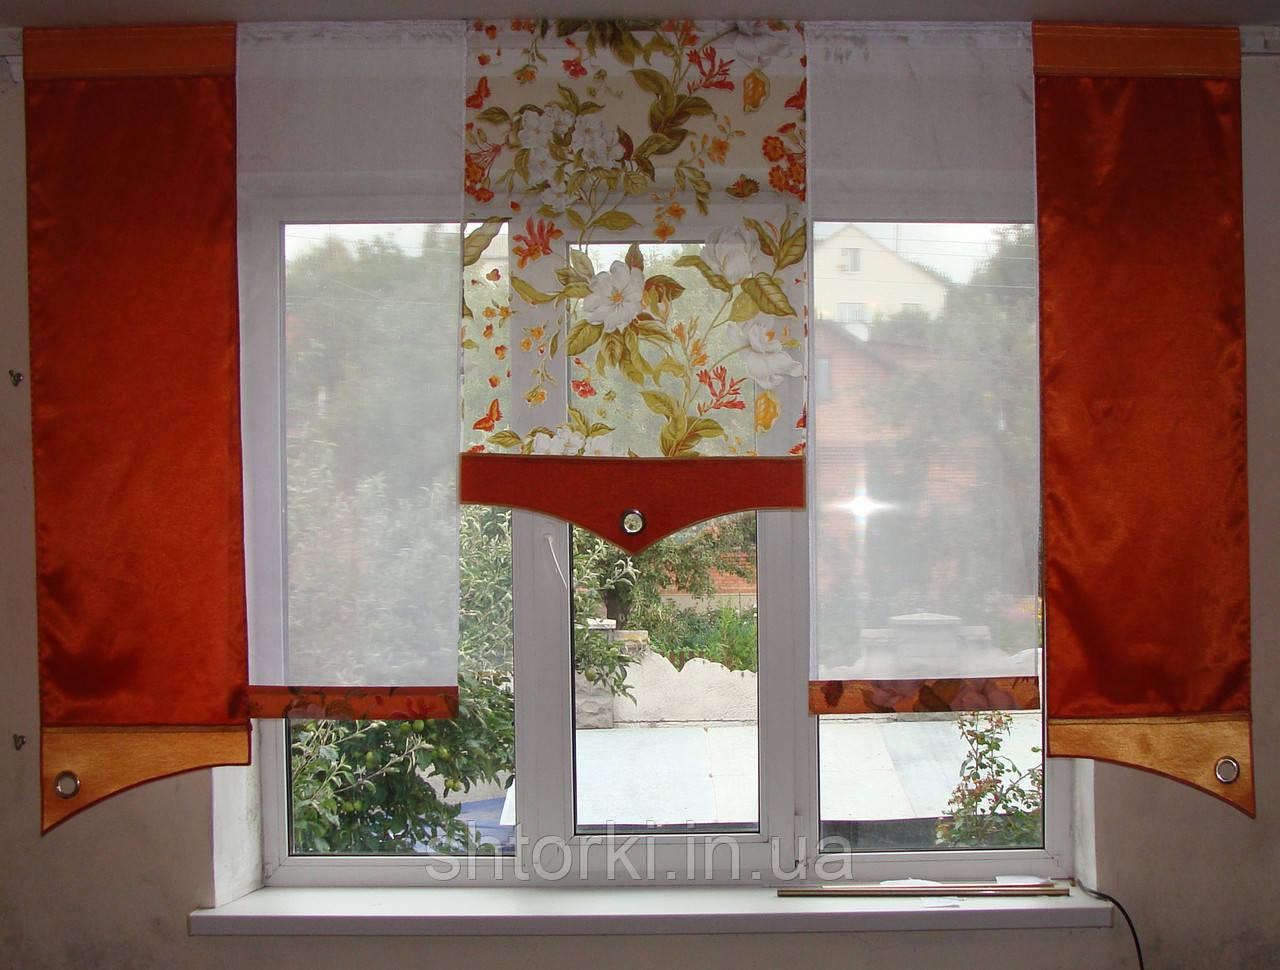 Комплект панельних шторок оранж і теракот квіти, 2м